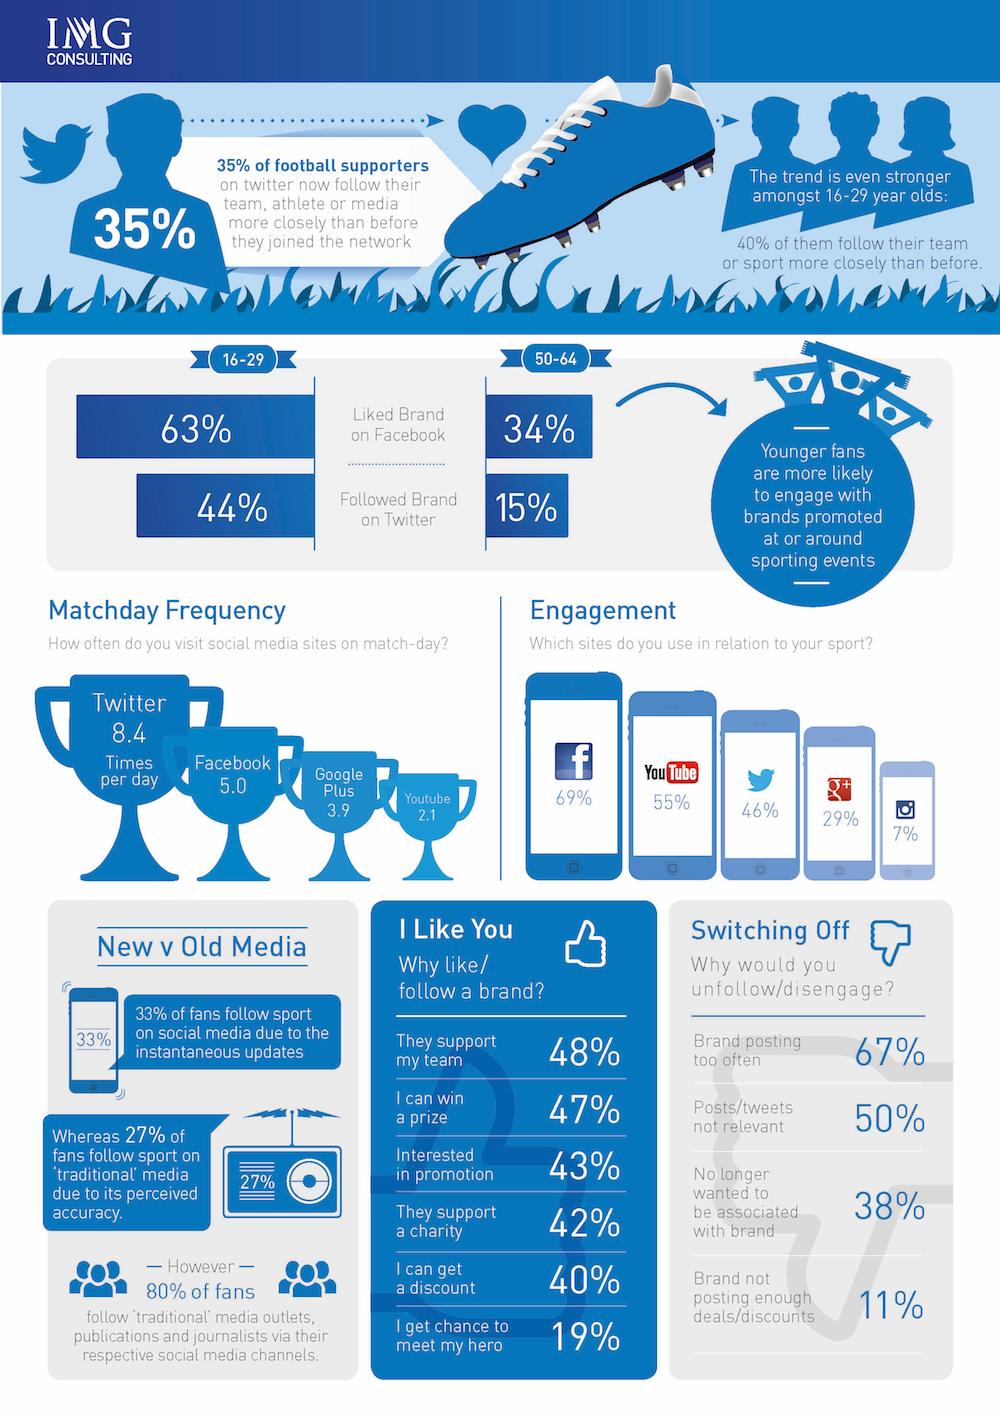 Engagement des fans de sport sur les réseaux sociaux (étude par IMG Consulting)